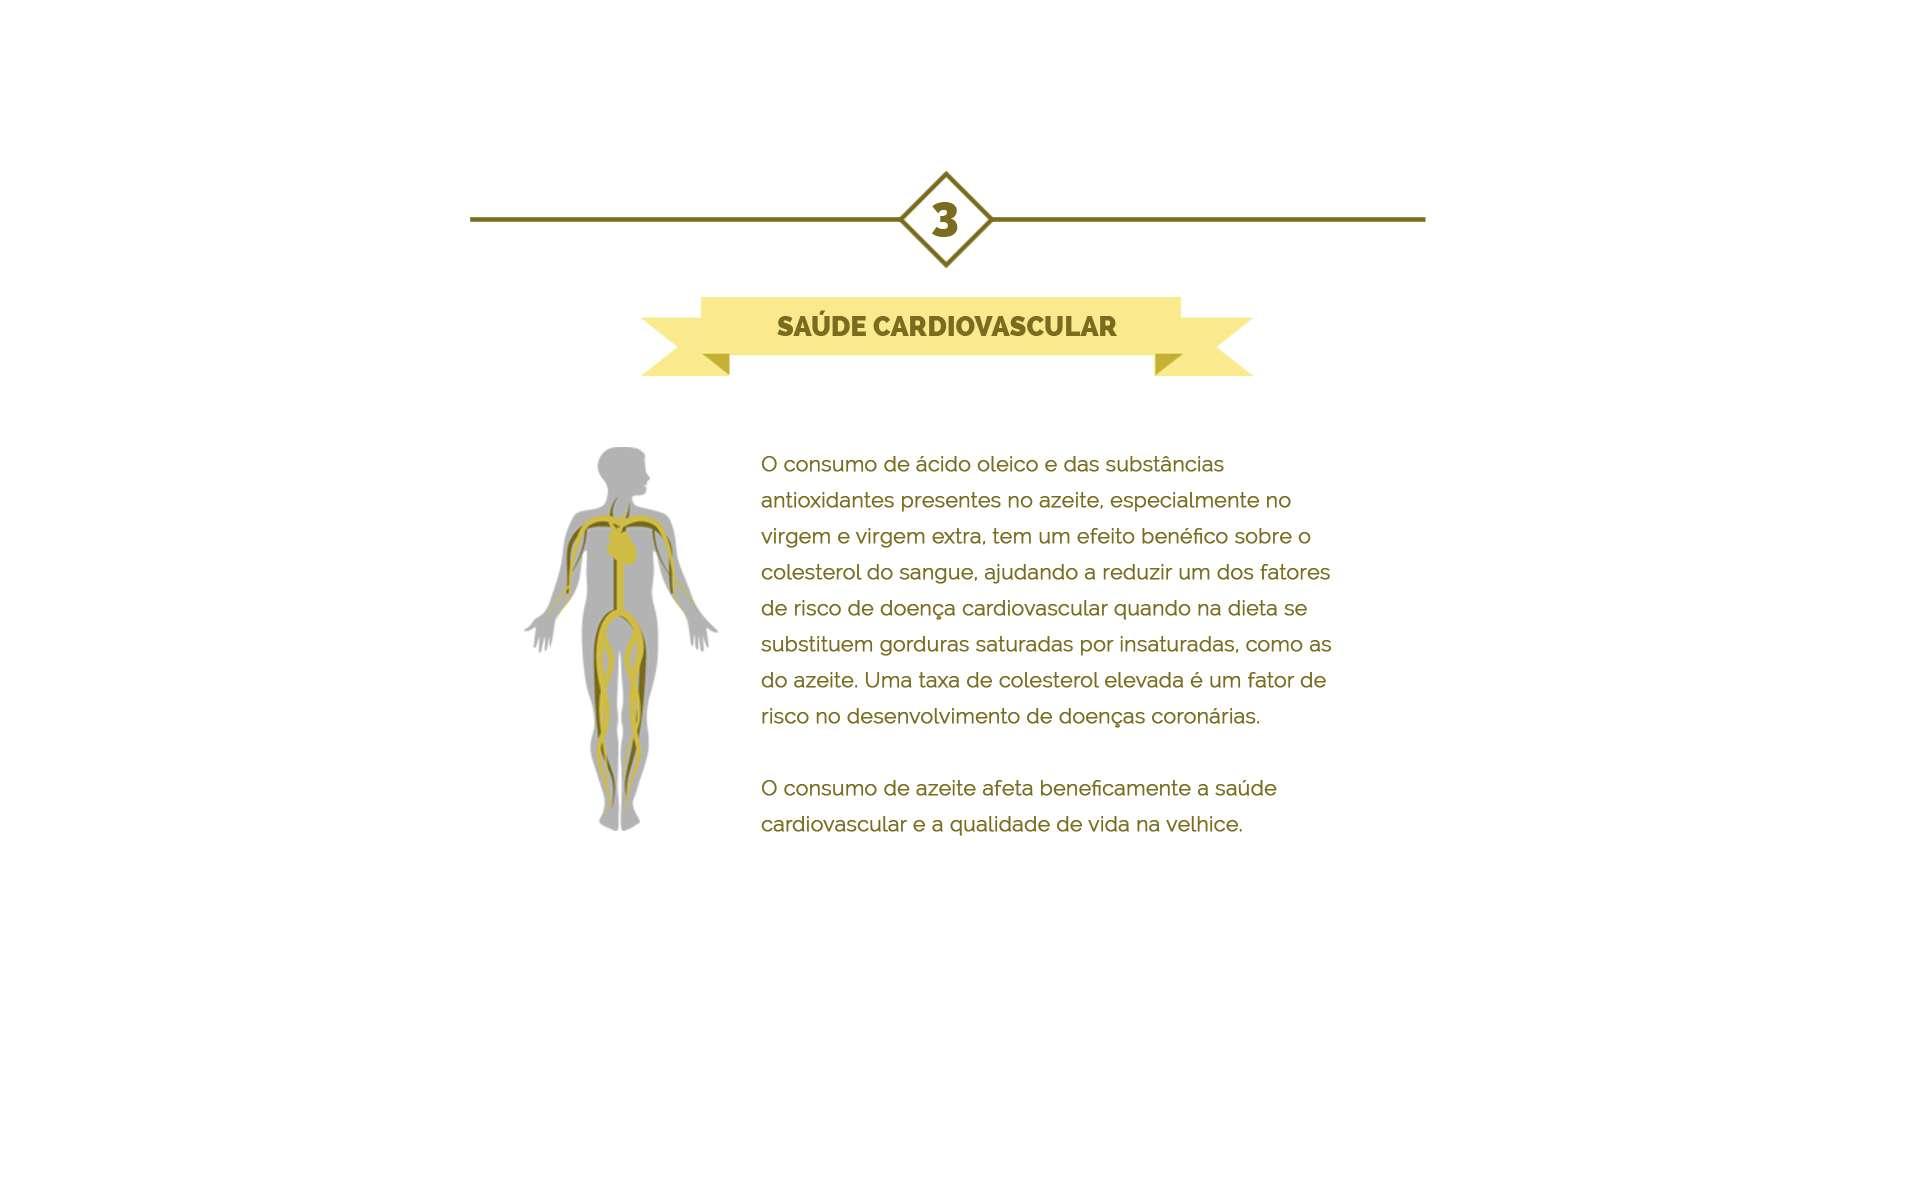 o consumo do azeite de oliva reduz o risco de doenças cardiovasculares